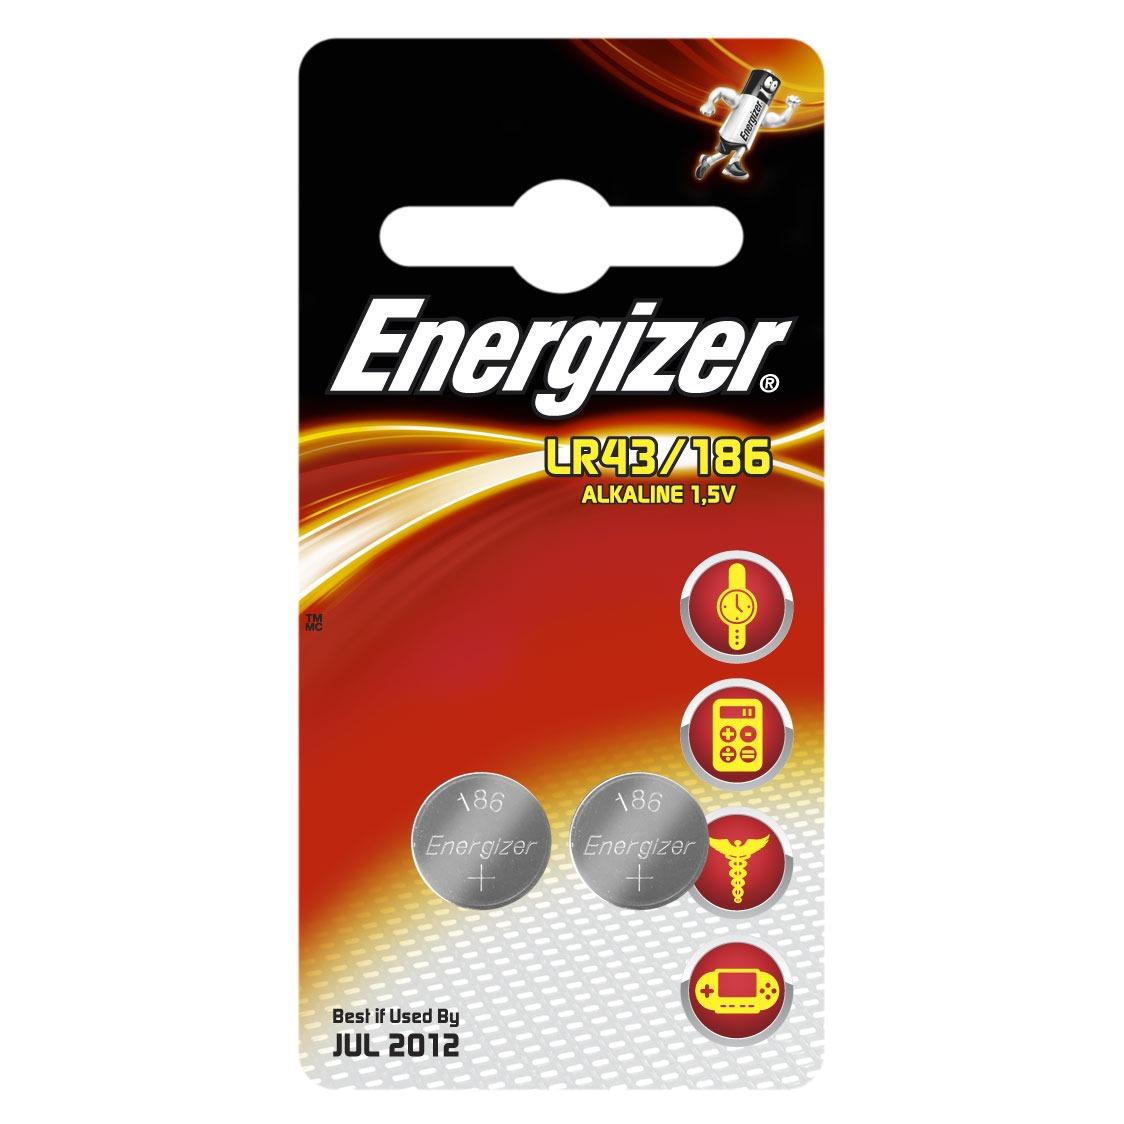 """Pile bouton Energizer Pile """"bouton"""" LR43 (pack de 2) Energizer Pile """"bouton"""" LR43 (pack de 2)"""